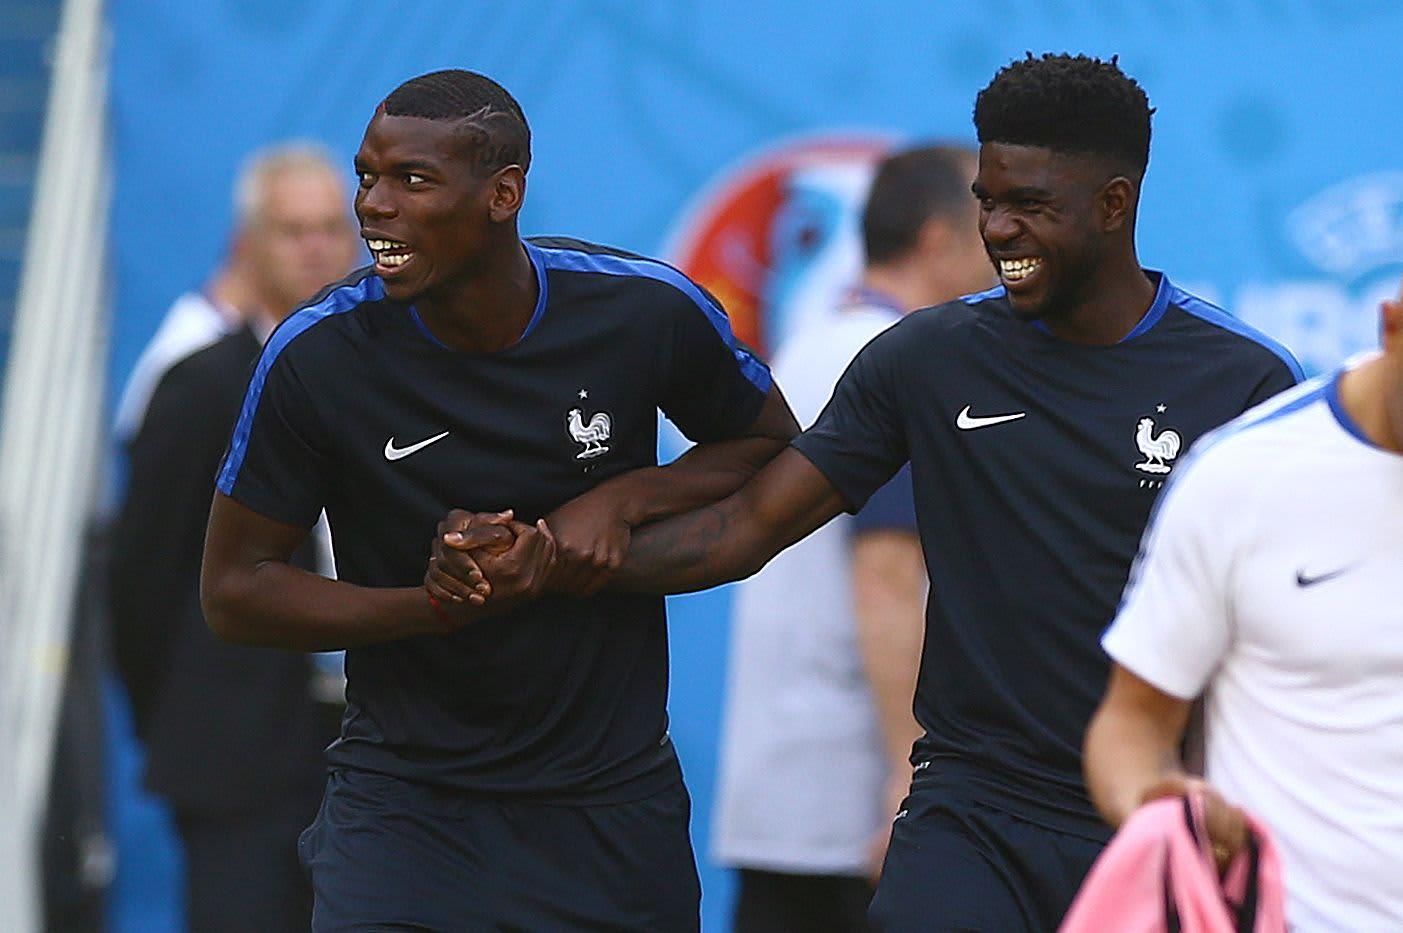 """Lyon-toppari Samuel Umtiti (oik.) tekee A-maajoukkuedebyyttinsä kovassa paikassa - EM-turnauksen puolivälierässä. Paul Pogba on tutusti """"Les Bleusin"""" avauksessa Islantia vastaan."""